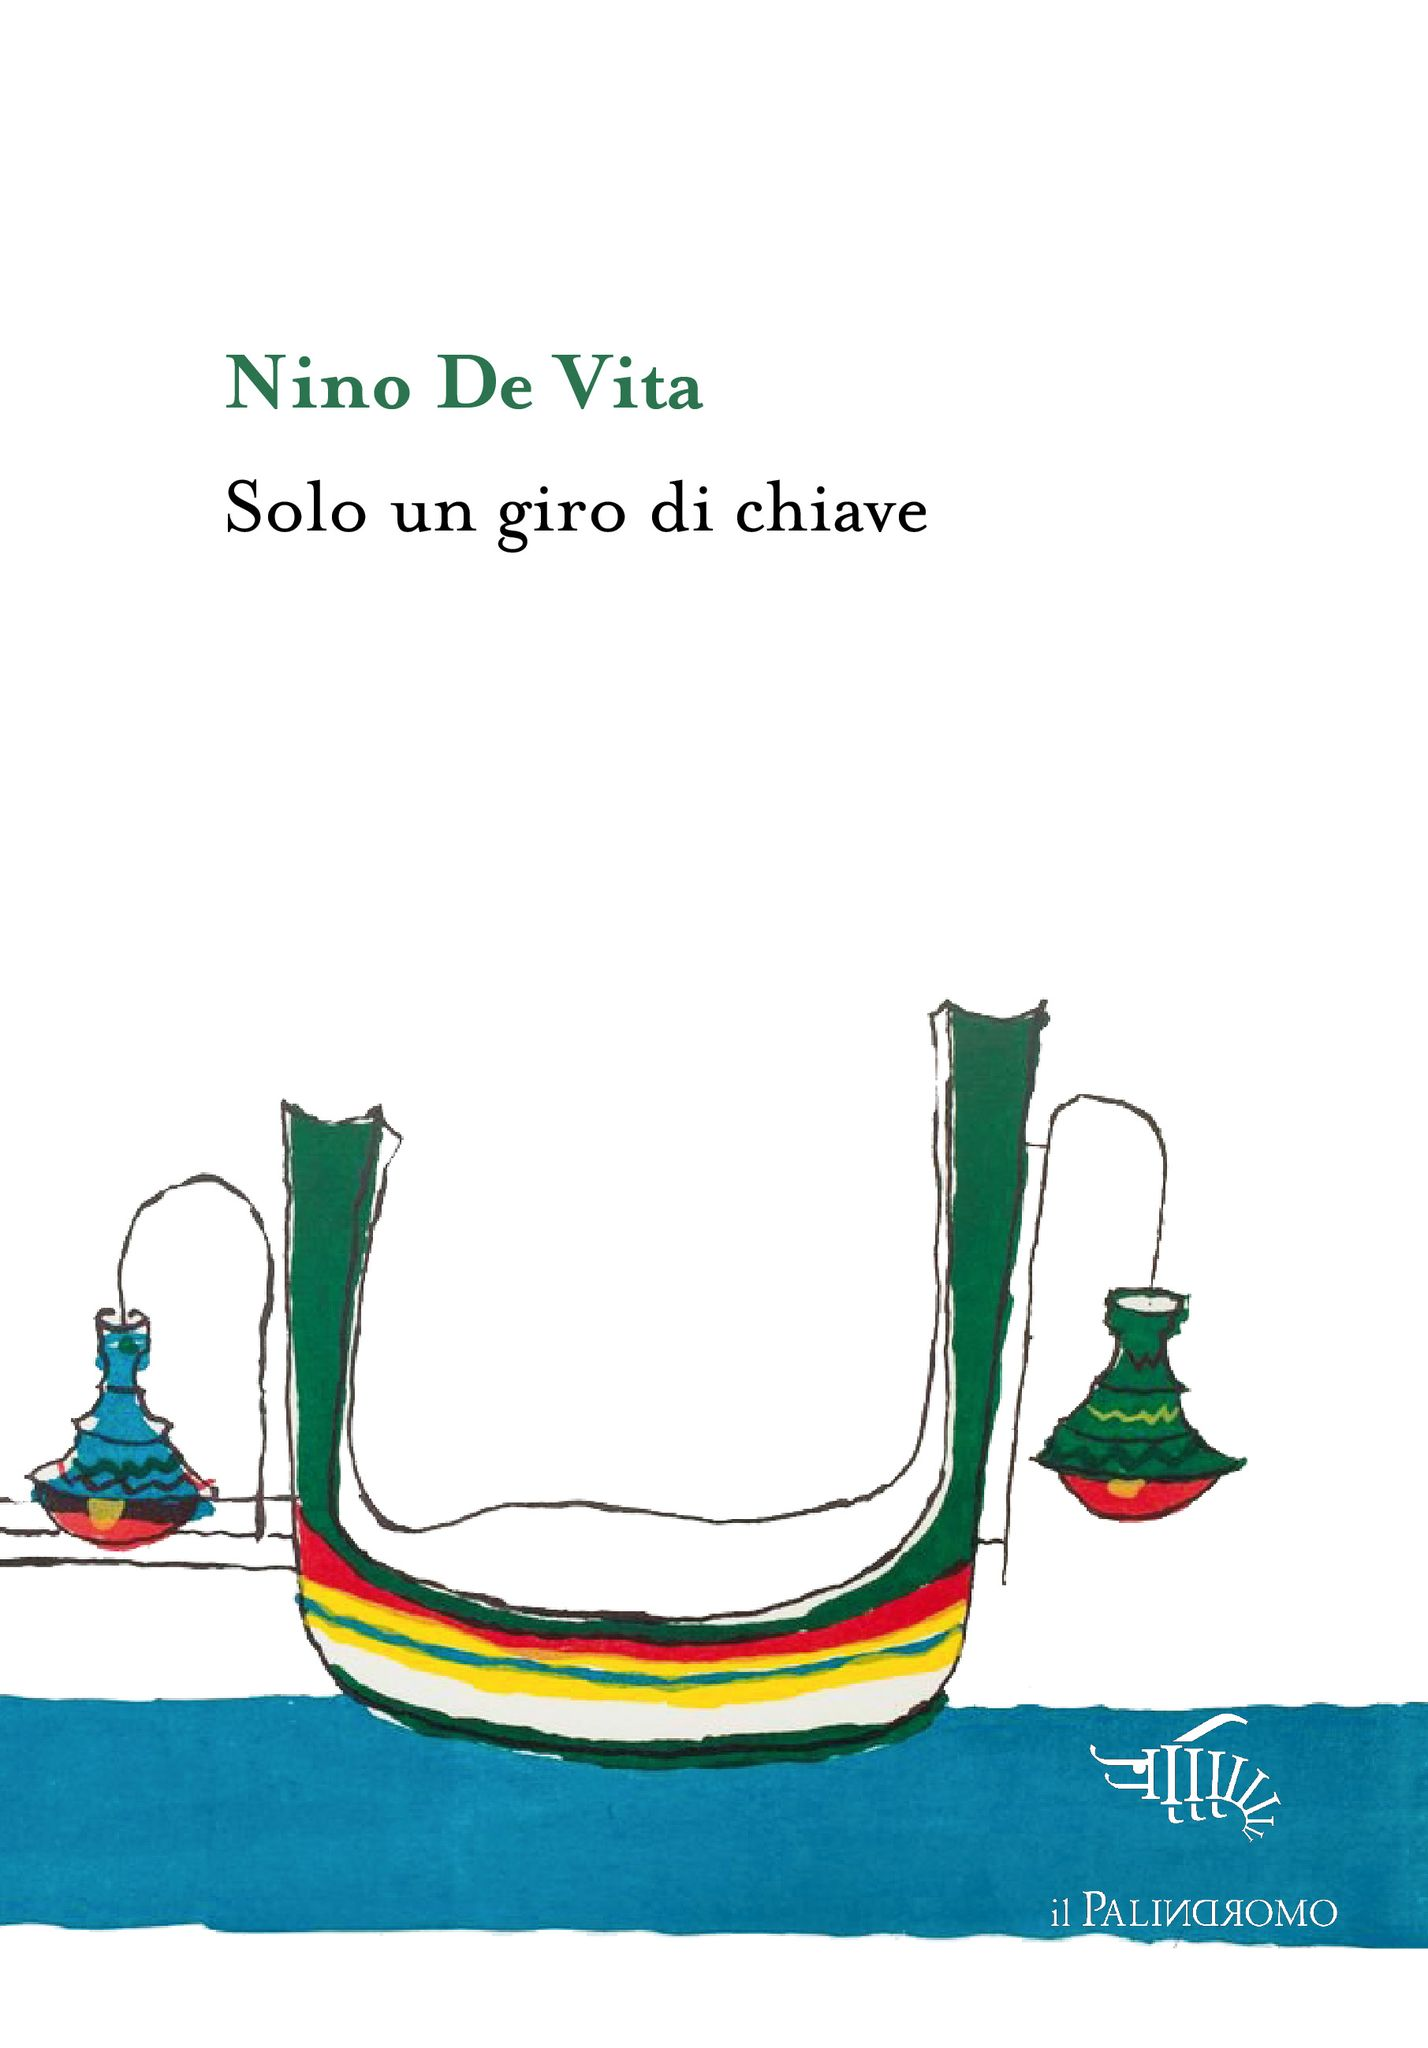 Autore: Nino De Vita